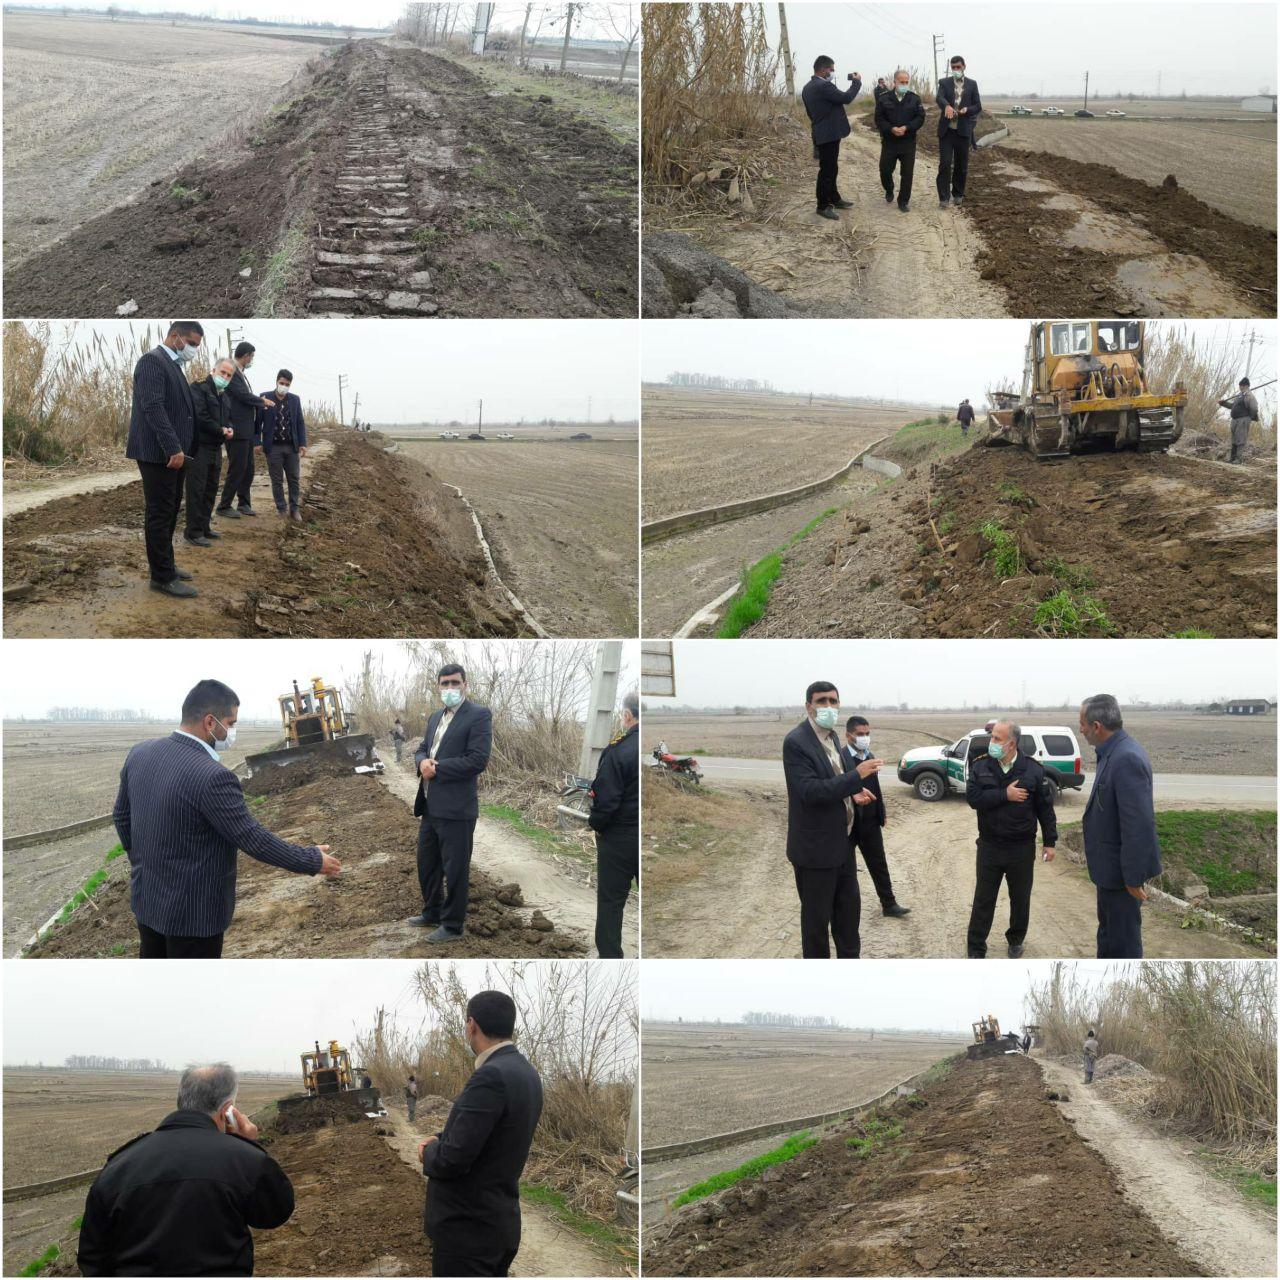 آزاد سازی و رفع تجاوز حریم و یال آببندان روستای حیدرکلا با حکم دادستانی